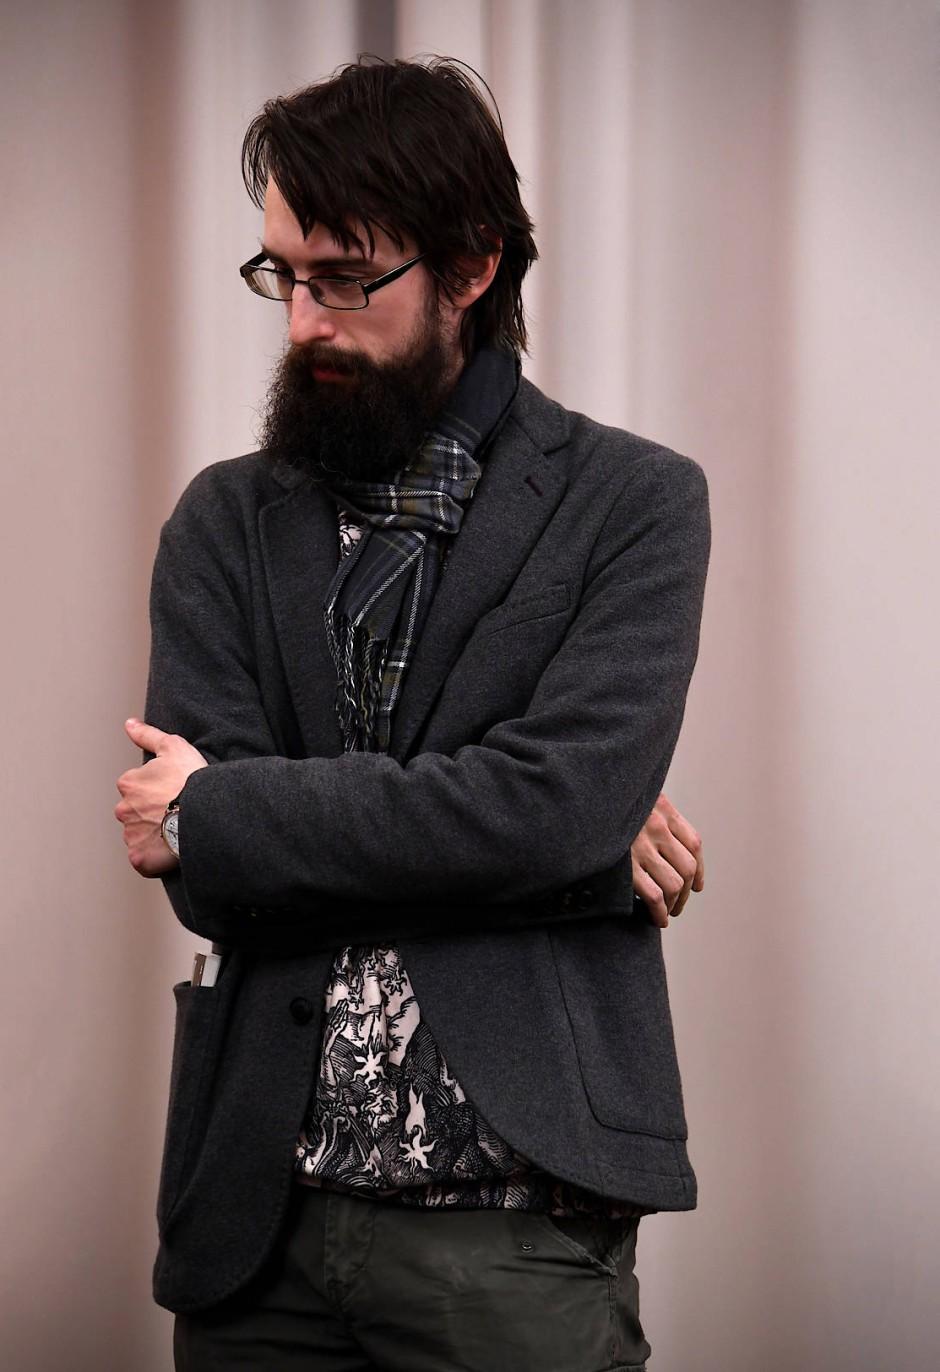 Der österreichische Schriftsteller Clemens J. Setz